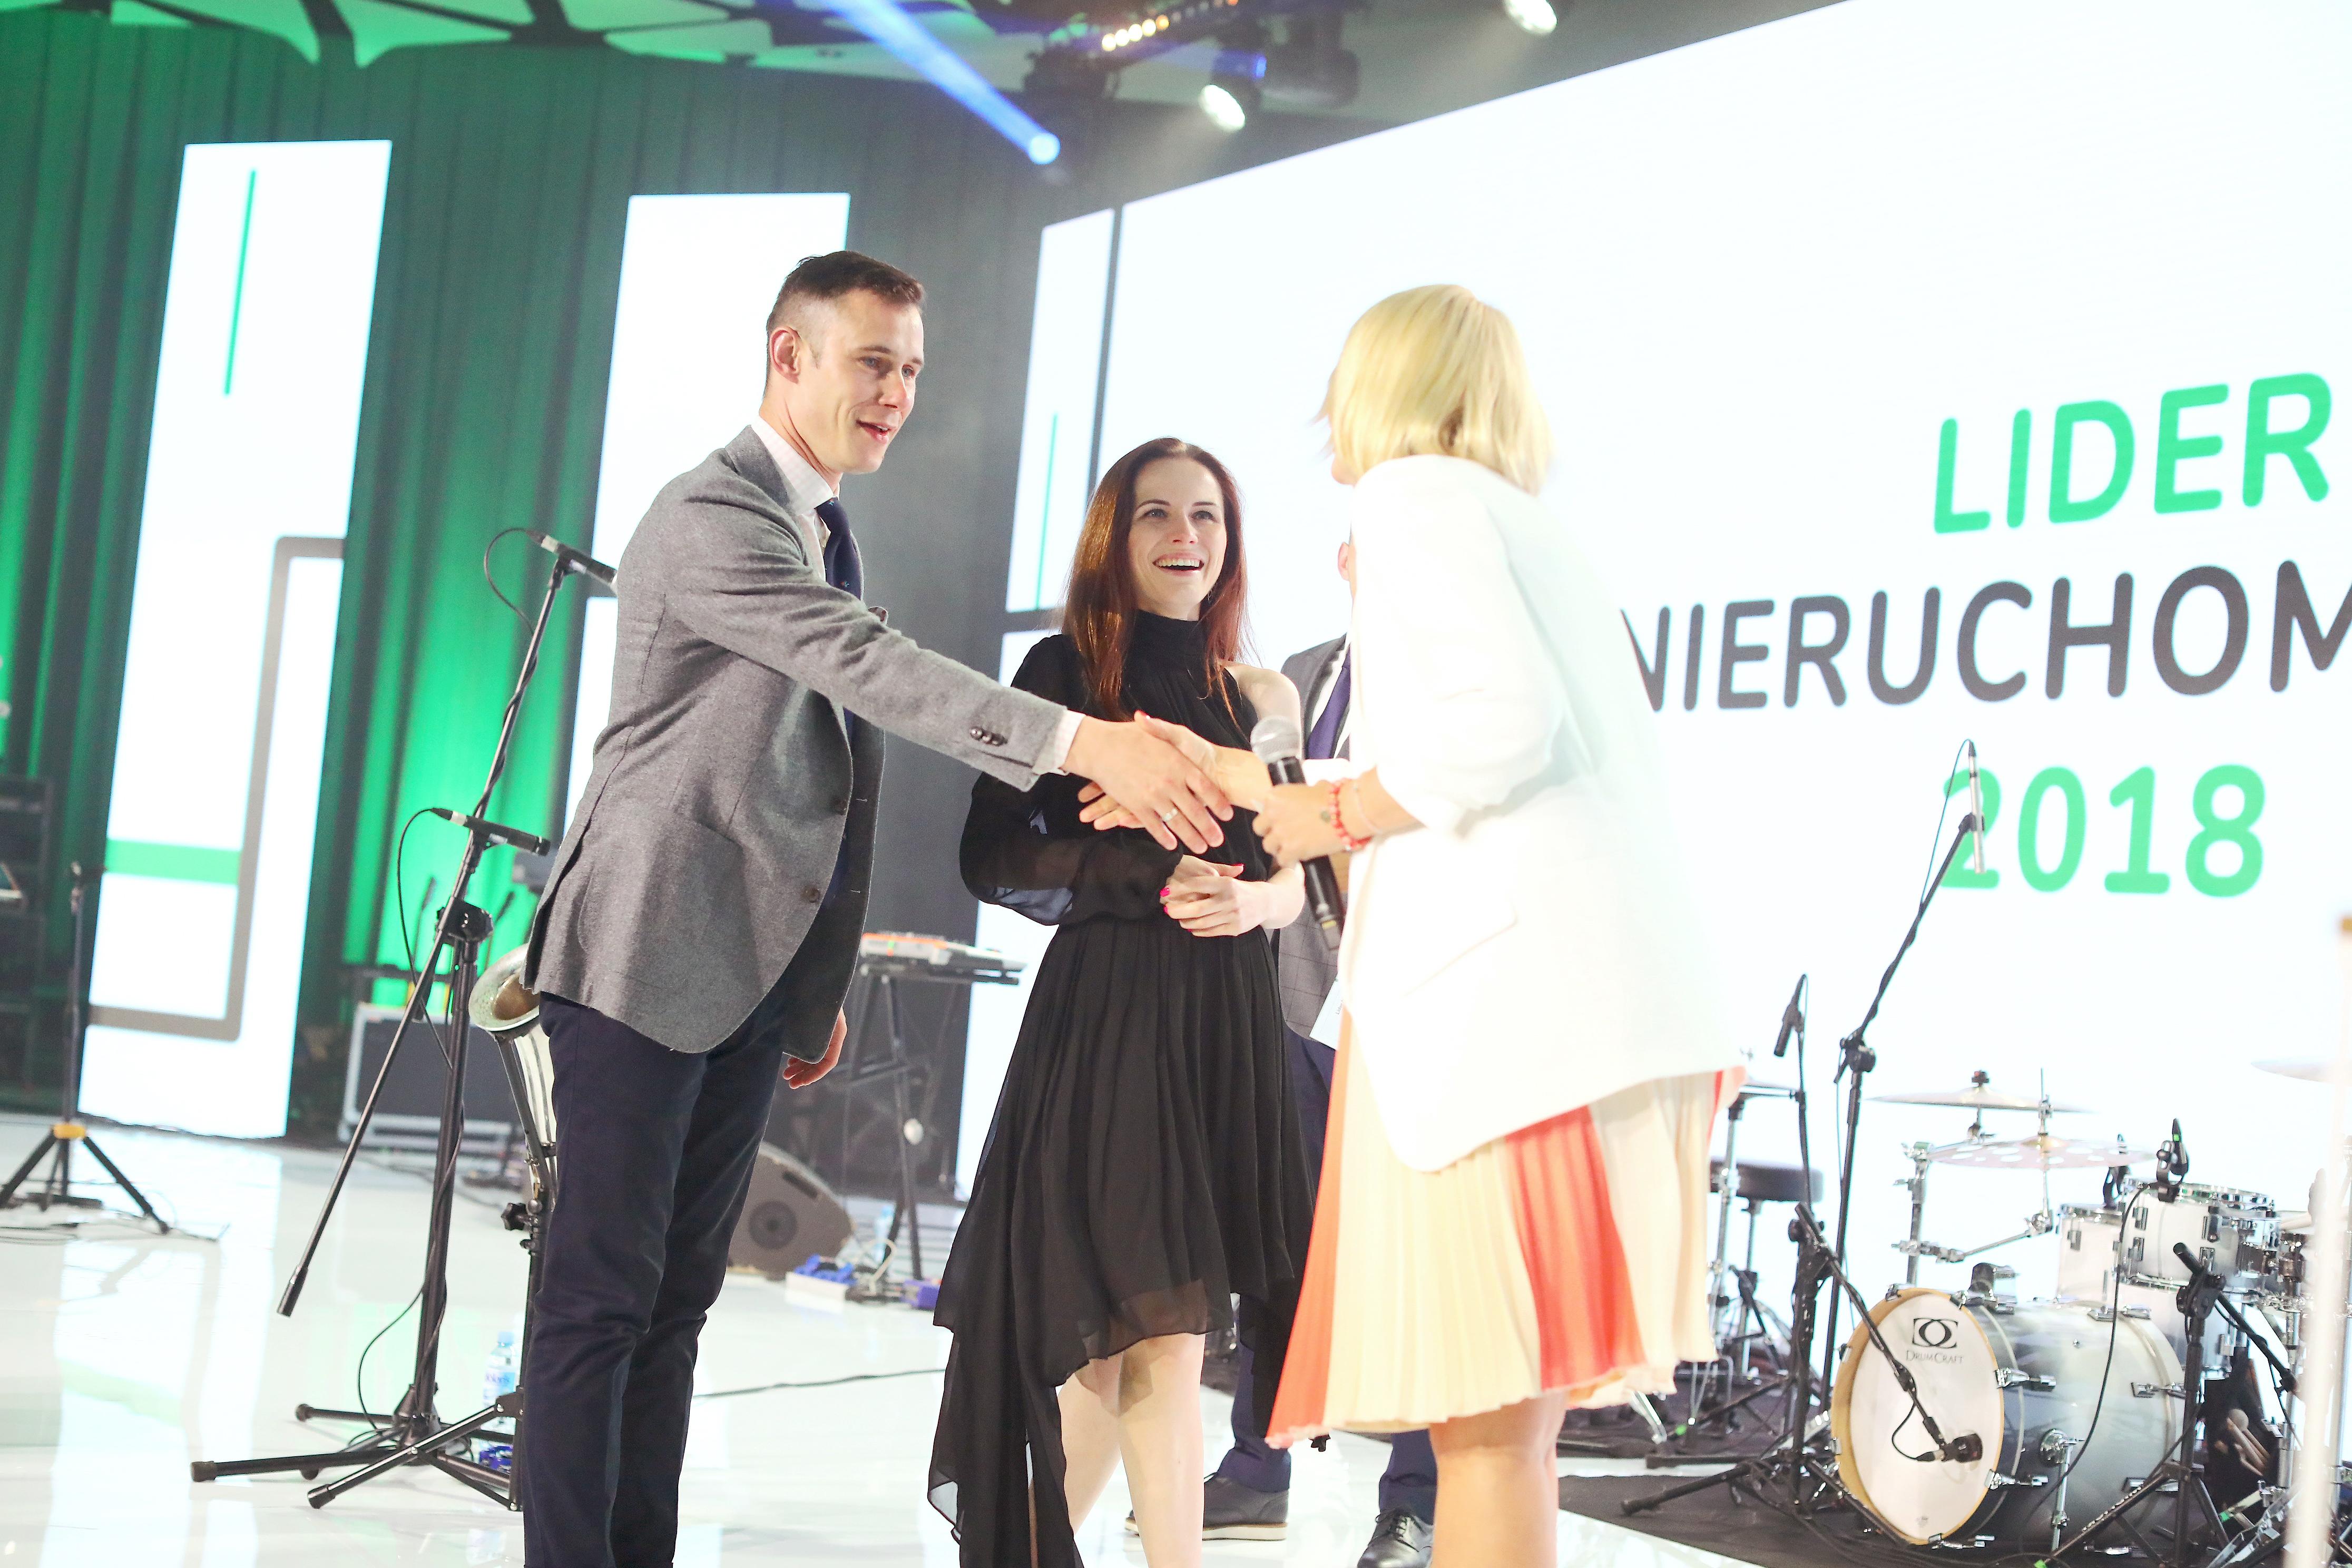 Krystian Podbielski i Małgorzata Podbielska odbierają statuetkę od Moniki Rudnickiej z Otodom